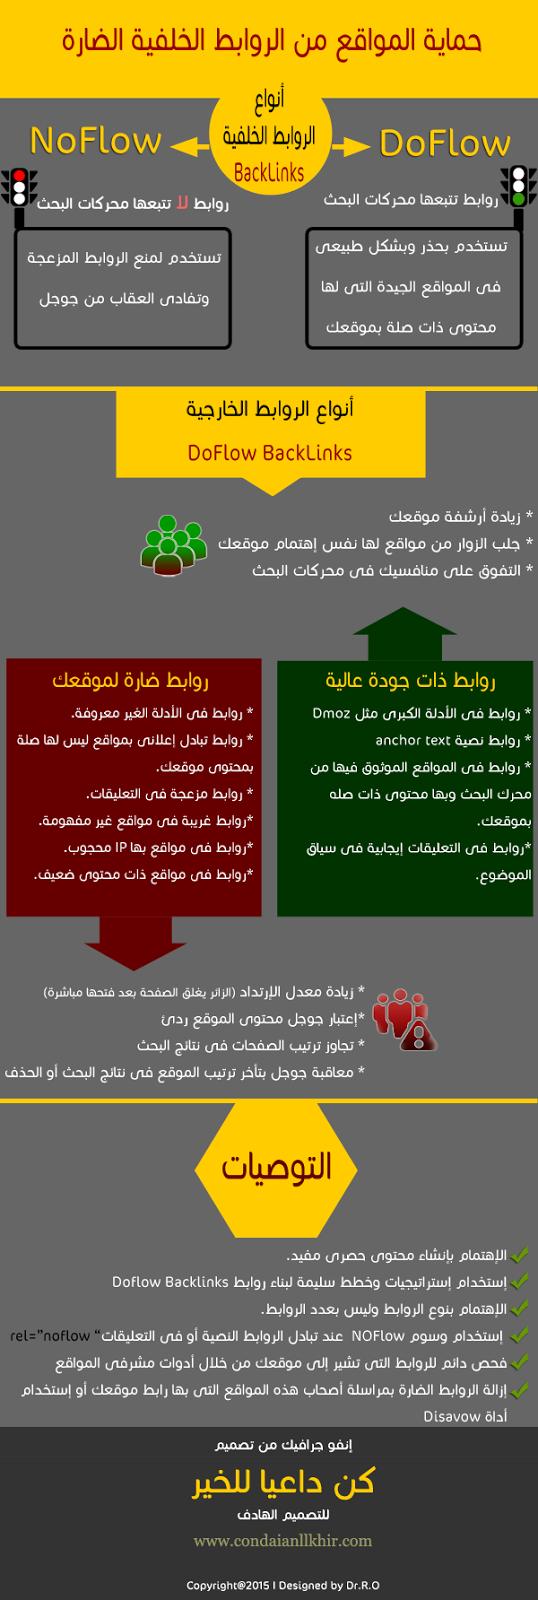 حل مشكلة الروابط السيئة التى تؤدى إلى موقعك Bad Backlinks Backlink-infographic